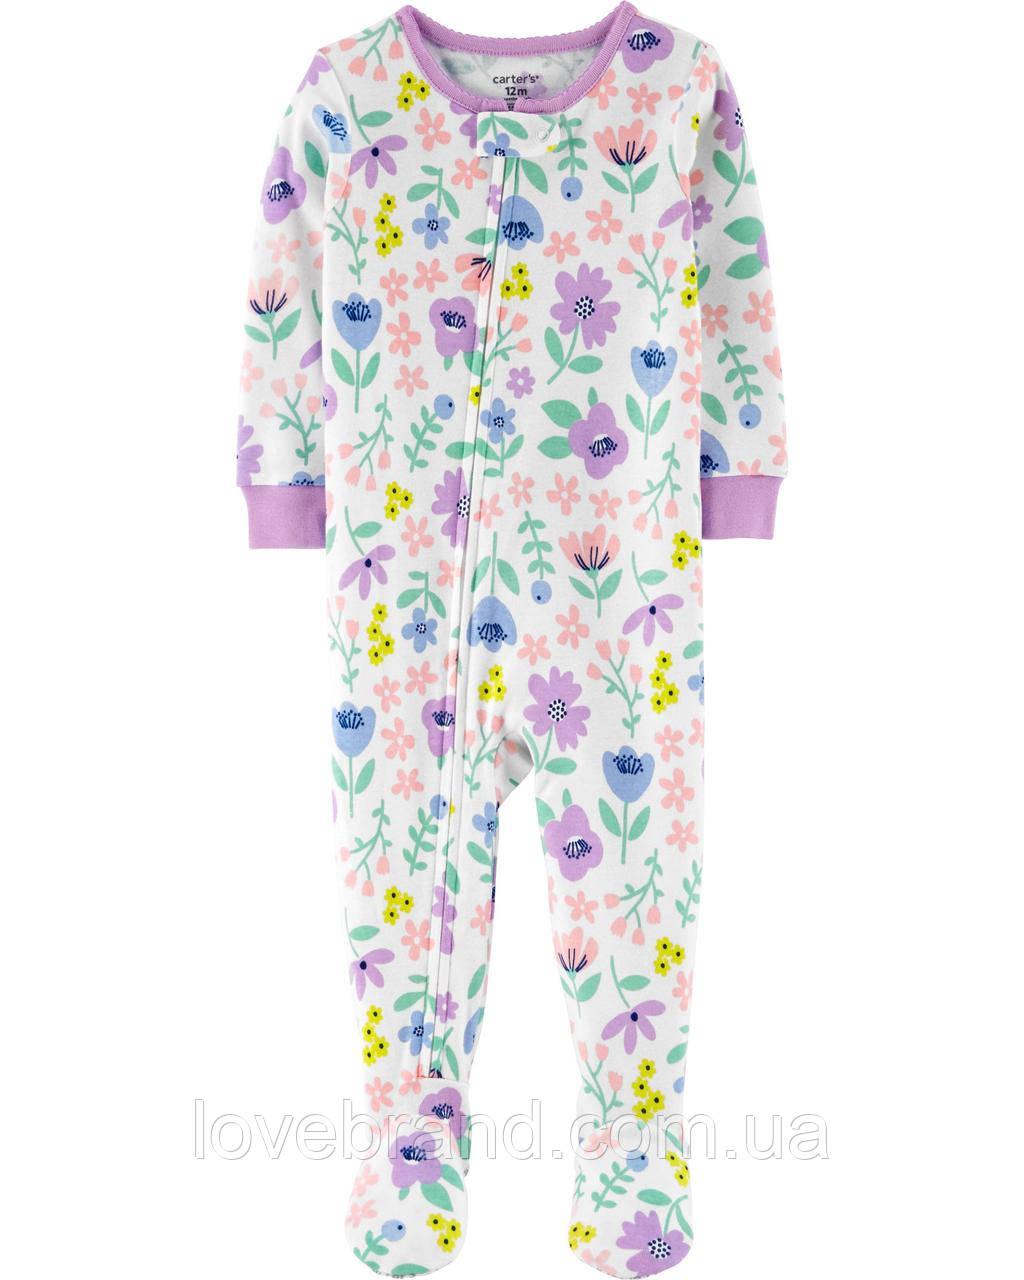 Хлопковый человечек с ножками Carter's для девочки Цветочки